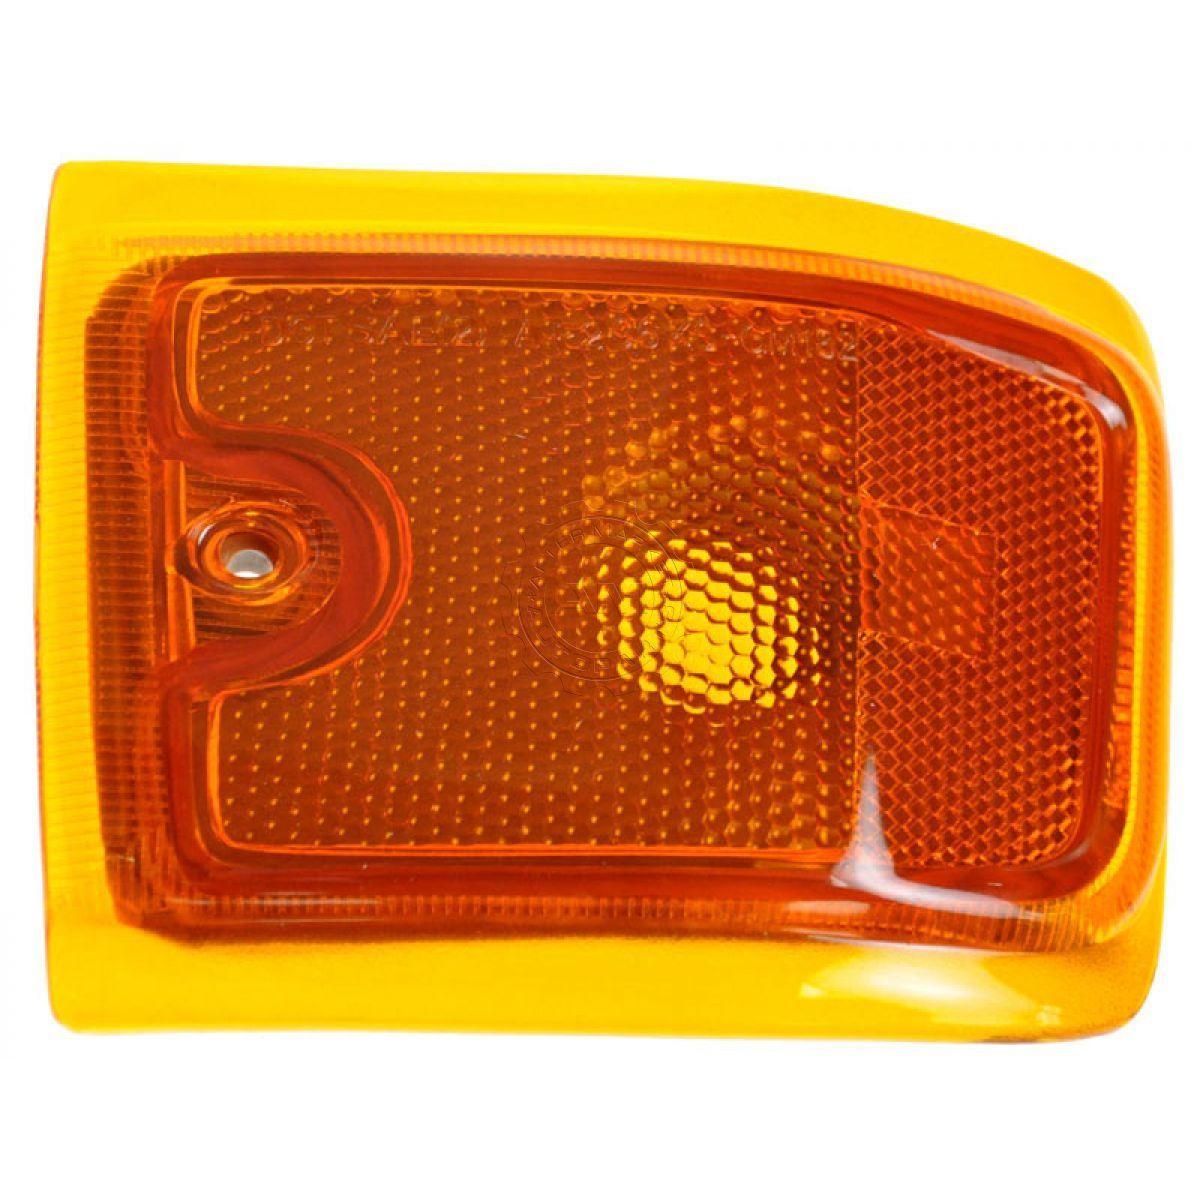 コーナーライト Parking Corner Turn Signal Light Lamp LH Left for Chevy Van パーキングコーナーターンシグナルライトランプLH Chevy Van用